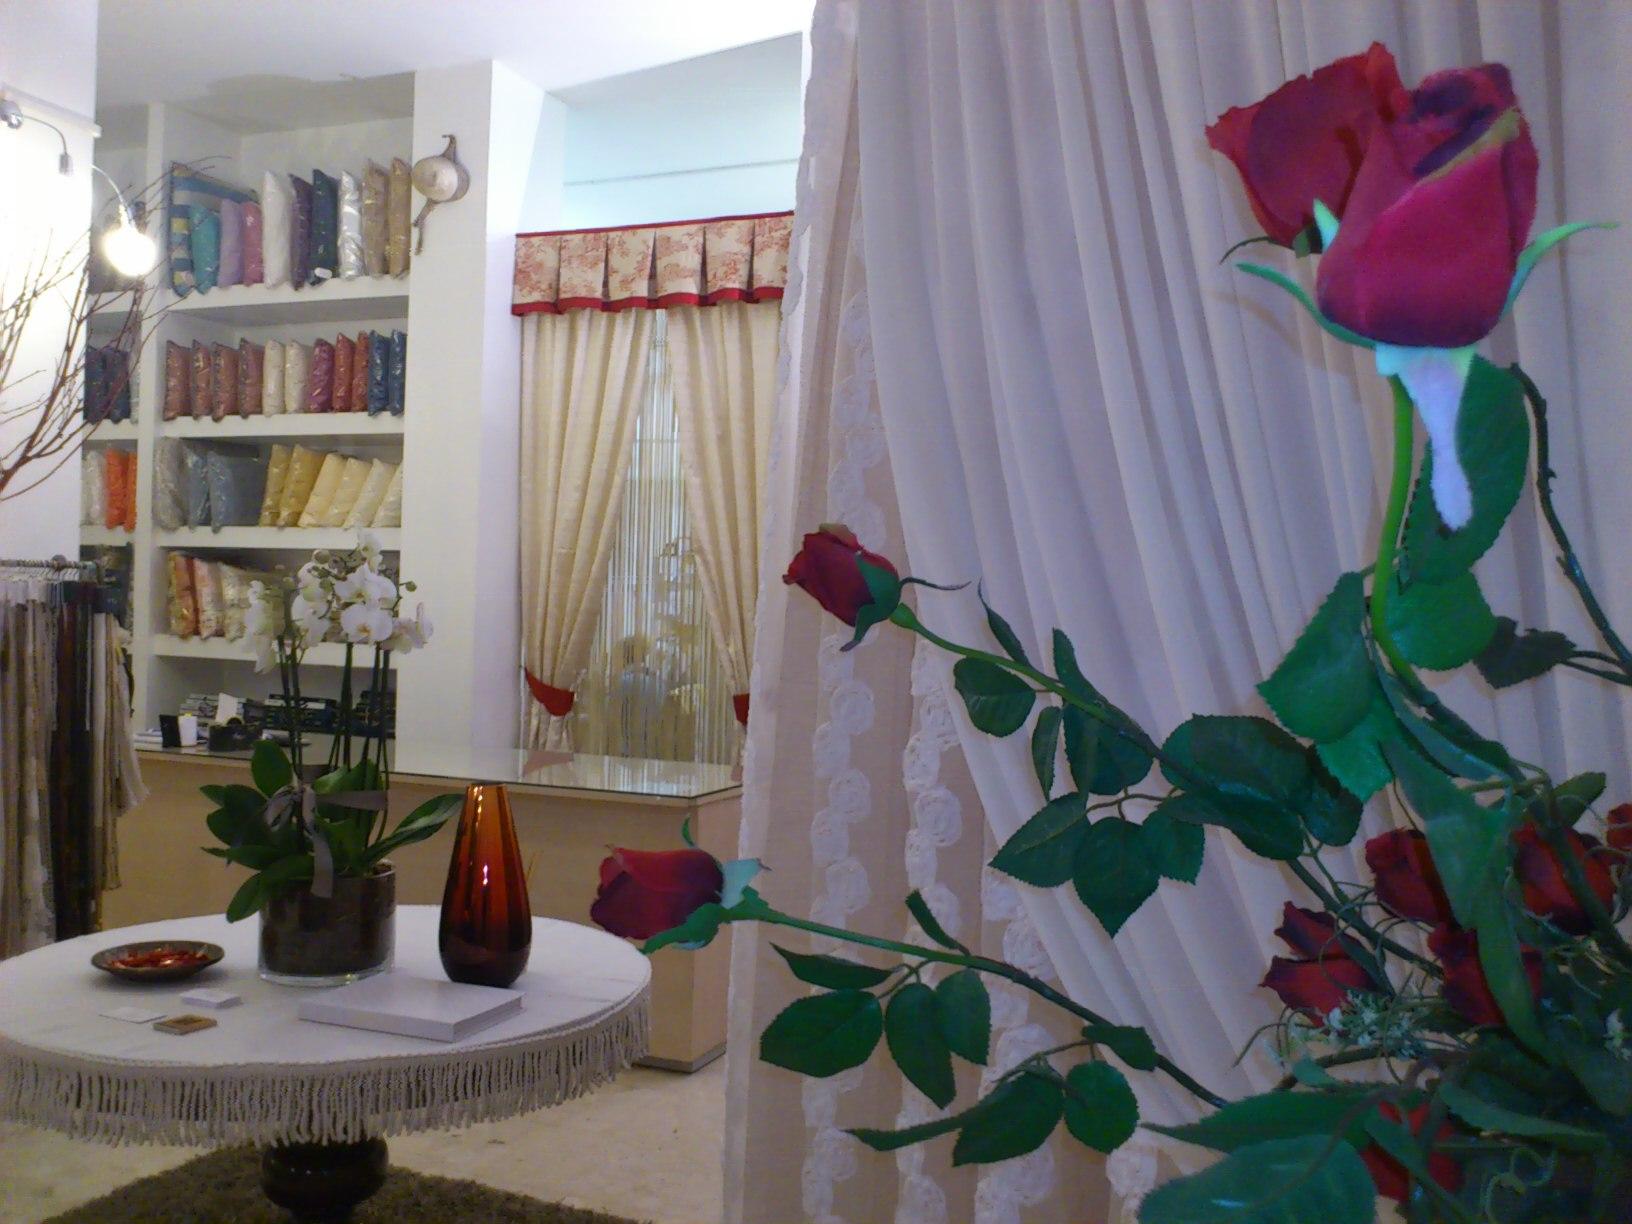 Negozio tende verona, arredamento mariano, vetrina tende fatte a mano 2013, sullo sfondo tenda tradizionale a doppia raccolta con drappeggio in toile de jouy